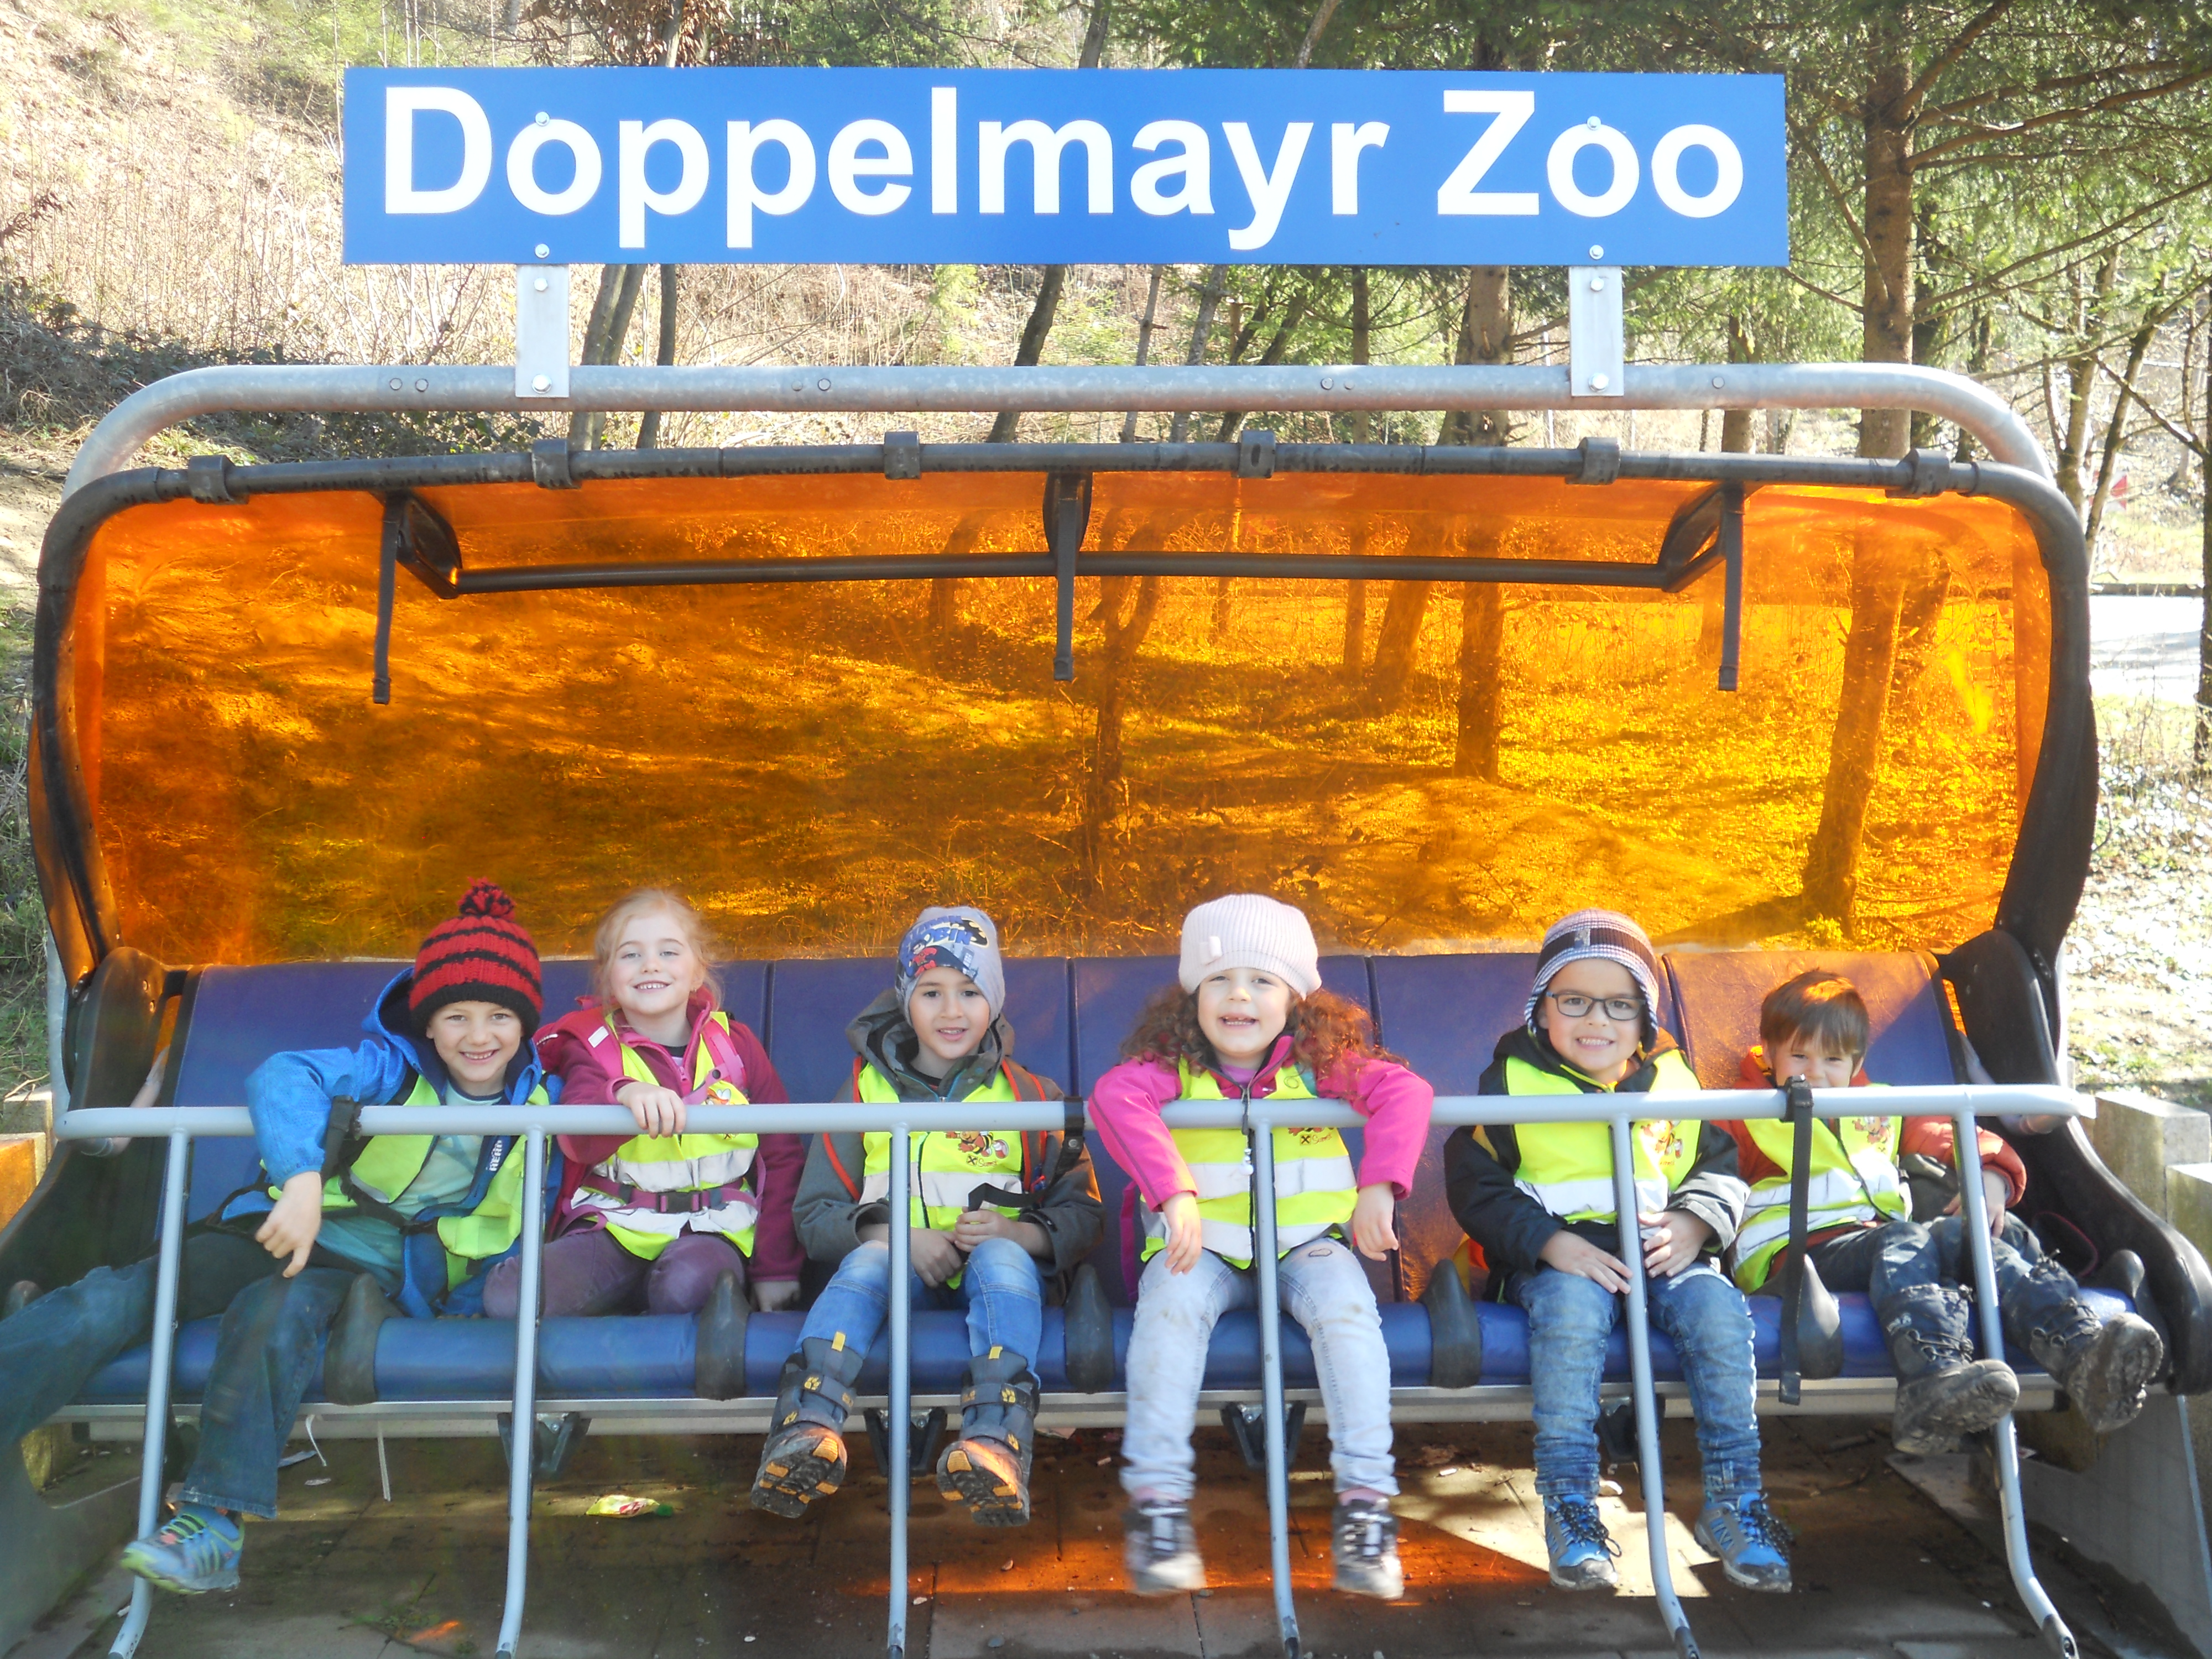 Doppelmayr Zoo (1).JPG